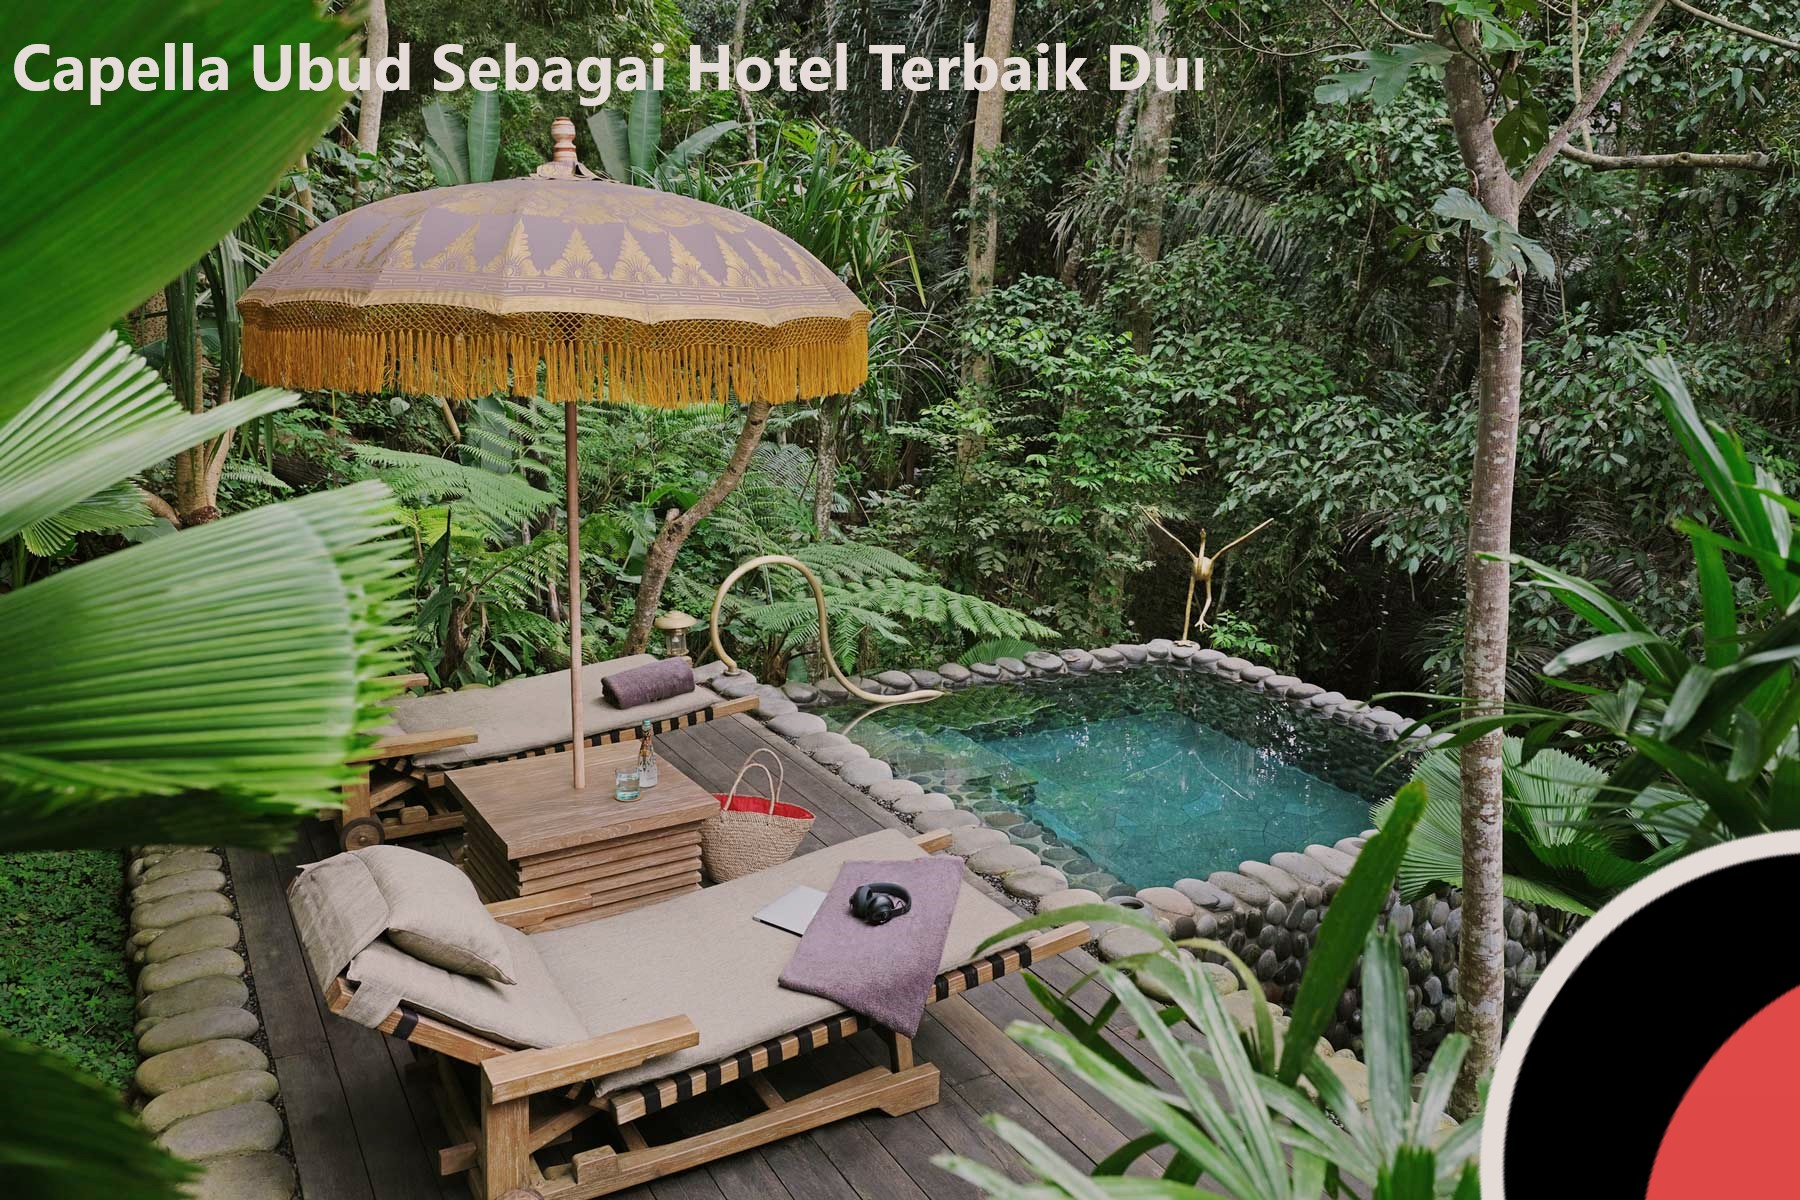 Capella Ubud Sebagai Hotel Terbaik Dunia